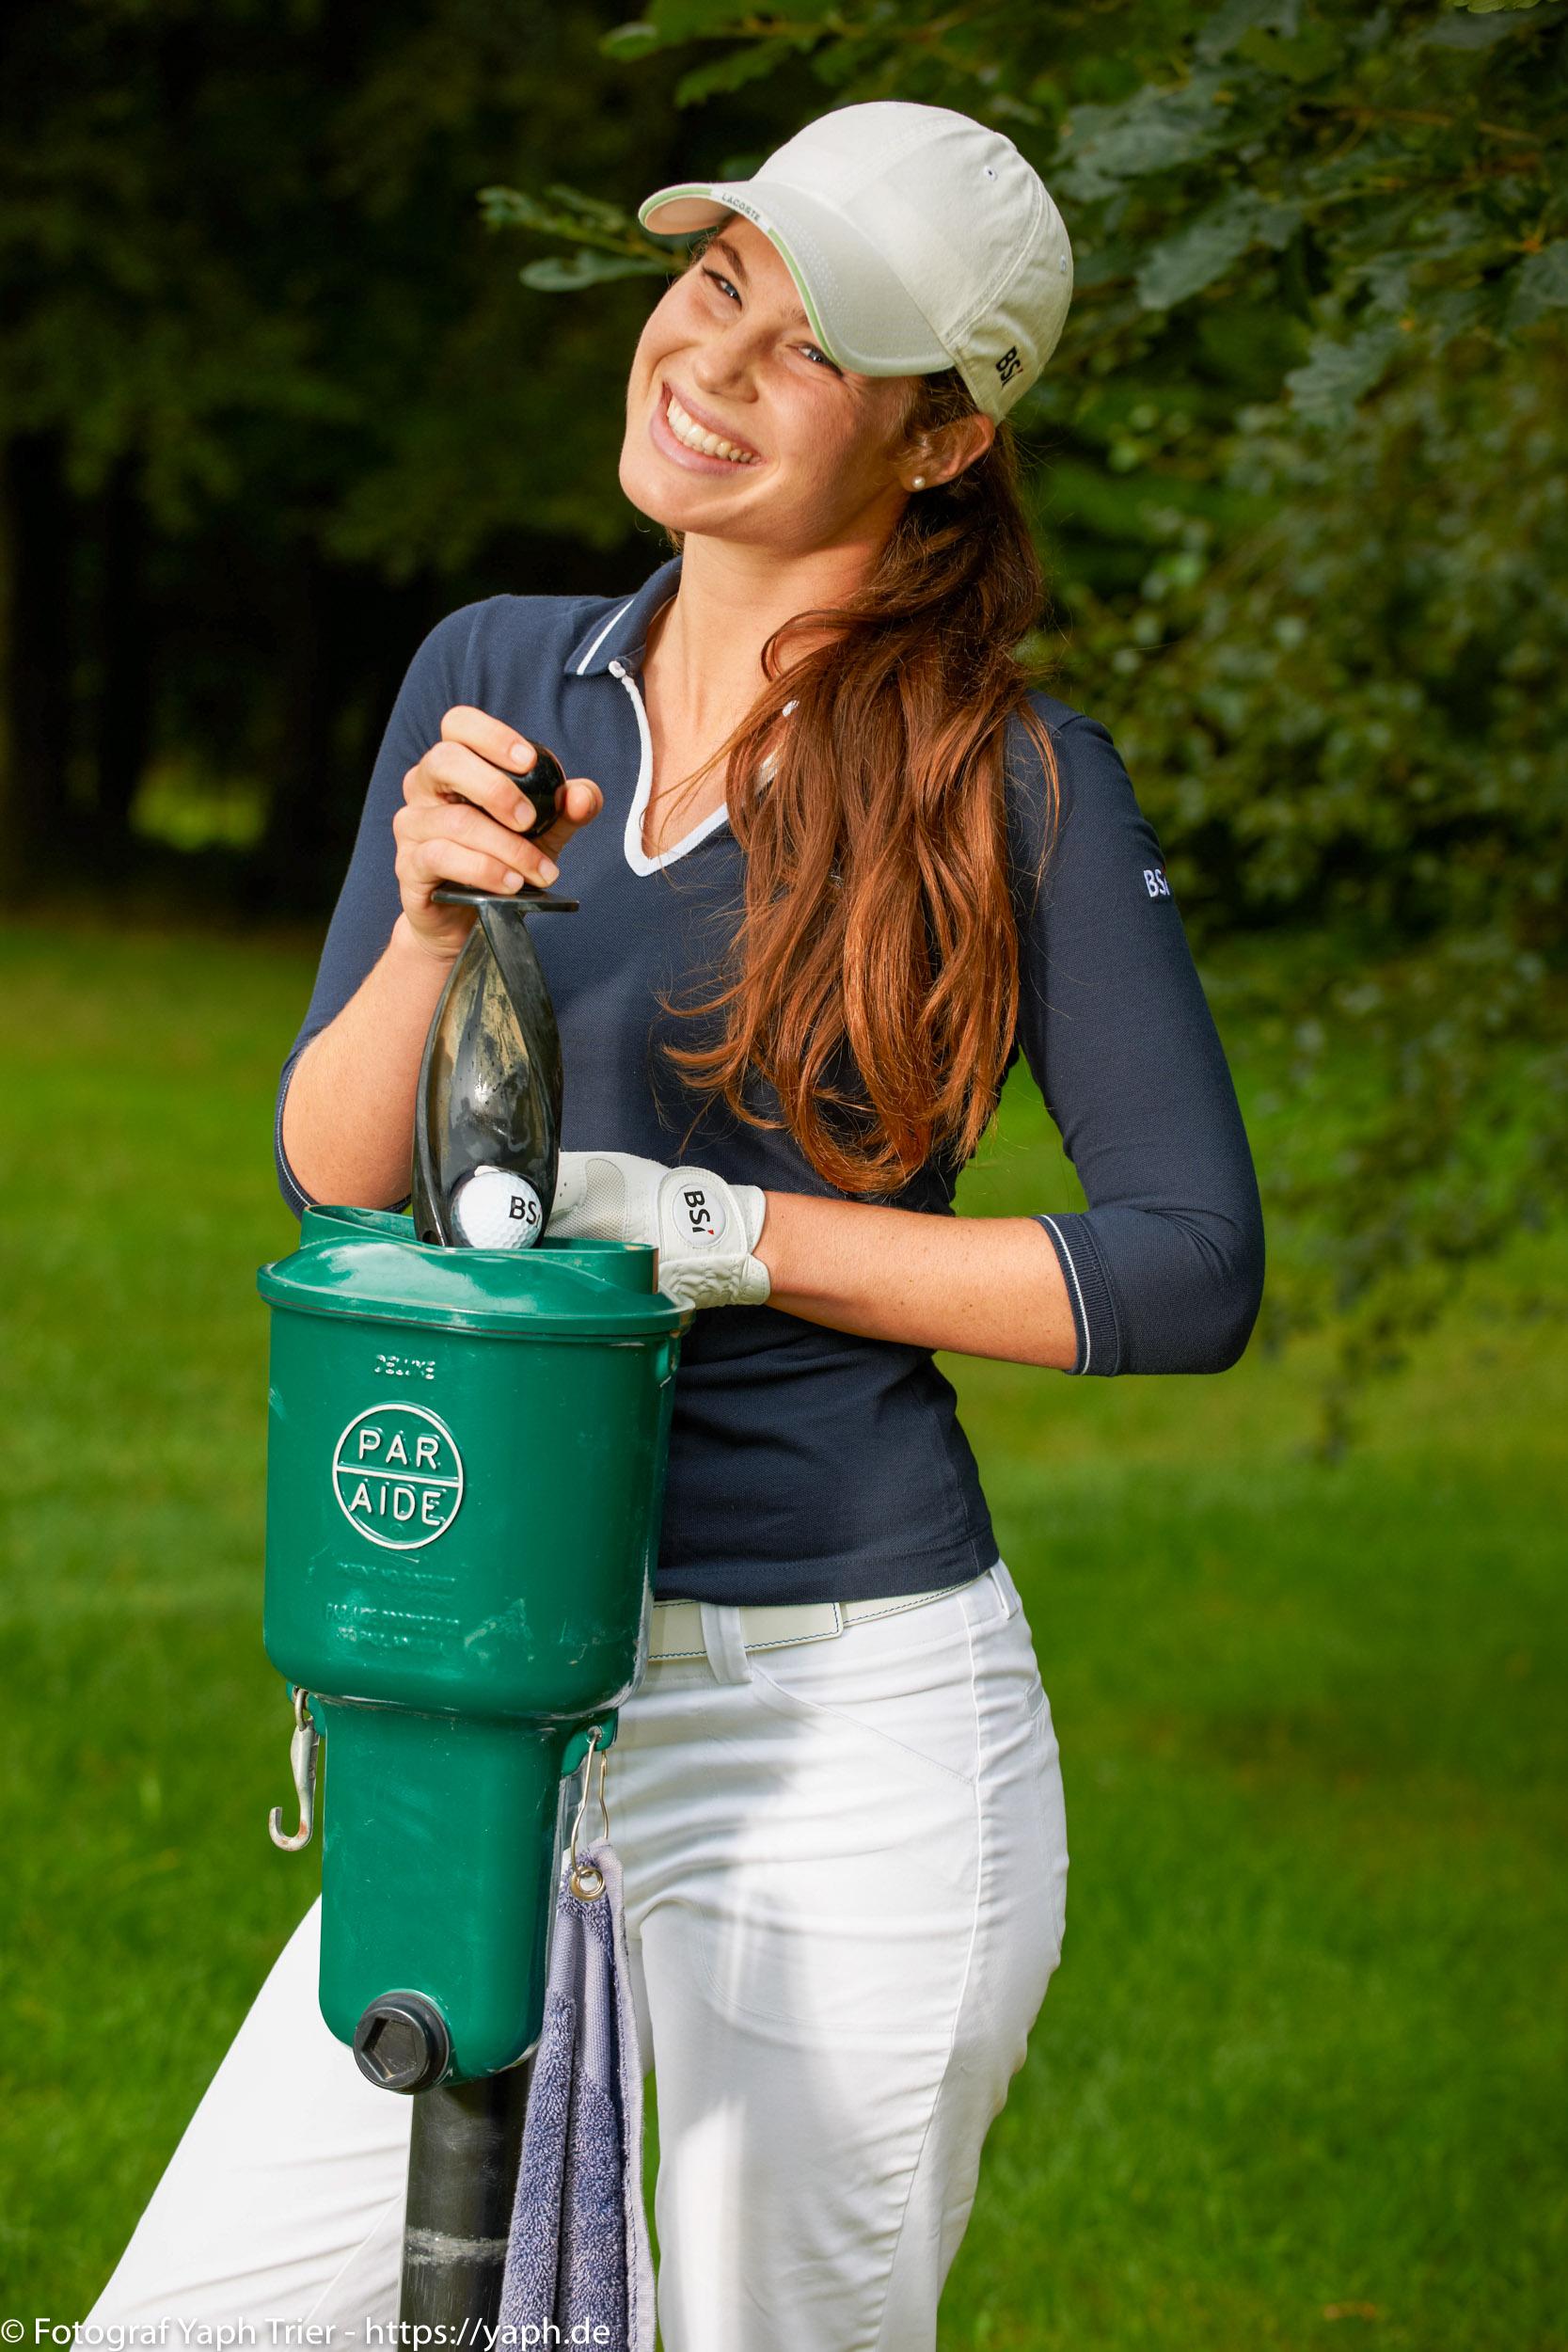 Liebelei Elena Lawrence - luxemburger Golfspielerin bei Fotograf Yaph - 36